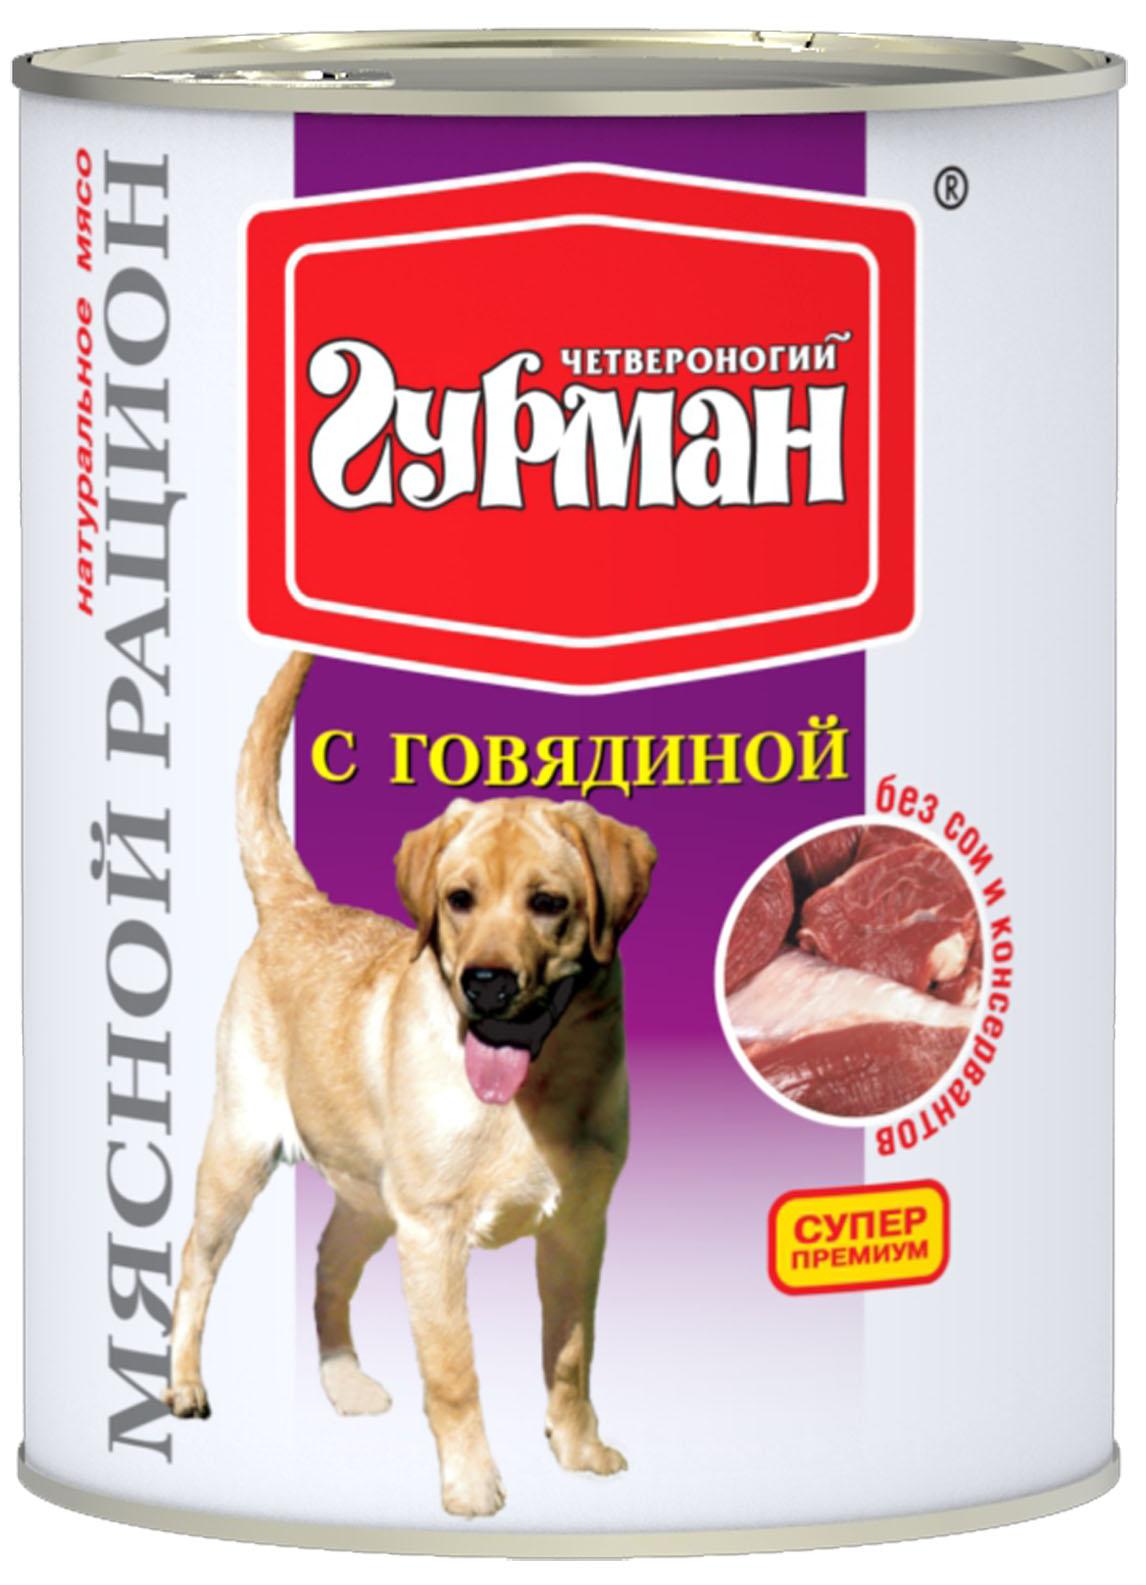 Консервы для собак Четвероногий Гурман Мясной рацион, с говядиной, 850 г11907Консервы Четвероногий Гурман Мясной рацион - влажные мясные консервы суперпремиум класса для собак. Изготовлены из мяса и субпродуктов, дополнительно содержат желирующую добавку, растительное масло и незначительное количество соли. Корм отличается крупной степенью измельченности, что повышает его привлекательность для собак крупных пород.Корм по новейшей технологии на современном оборудовании, что позволяет строго следить за его качеством. Специальная щадящая технология обработки компонентов позволяет сохранить максимальное количество витаминов, микроэлементов и питательных веществ, необходимых любой собаке.Корм производится из высококачественного натурального мяса, без добавления сои, ароматизаторов и красителей, имеет отличный вкус и привлекательный аромат. Такие консервы вы можете давать собаке как отдельно, так и смешивая их с кашей или овощами. Консервы Четвероногий Гурман Мясной рацион - прекрасное и вкусное дополнение к рациону вашего любимца. Состав: рубец, печень, говядина, растительное масло, вода, мука костная 1%, соль поваренная, желирующая добавка.Пищевая ценность (в 100 г продукта): протеин 11,5 г, жир 9,5 г, влага 82 г, зола 2 г, клетчатка 0,5 г, соль 0,7 г. Энергетическая ценность (на 100 г): 135 ккал.Вес: 850 г. Товар сертифицирован.Уважаемые клиенты! Обращаем ваше внимание на возможные изменения в дизайне упаковки. Качественные характеристики товара остаются неизменными. Поставка осуществляется в зависимости от наличия на складе.